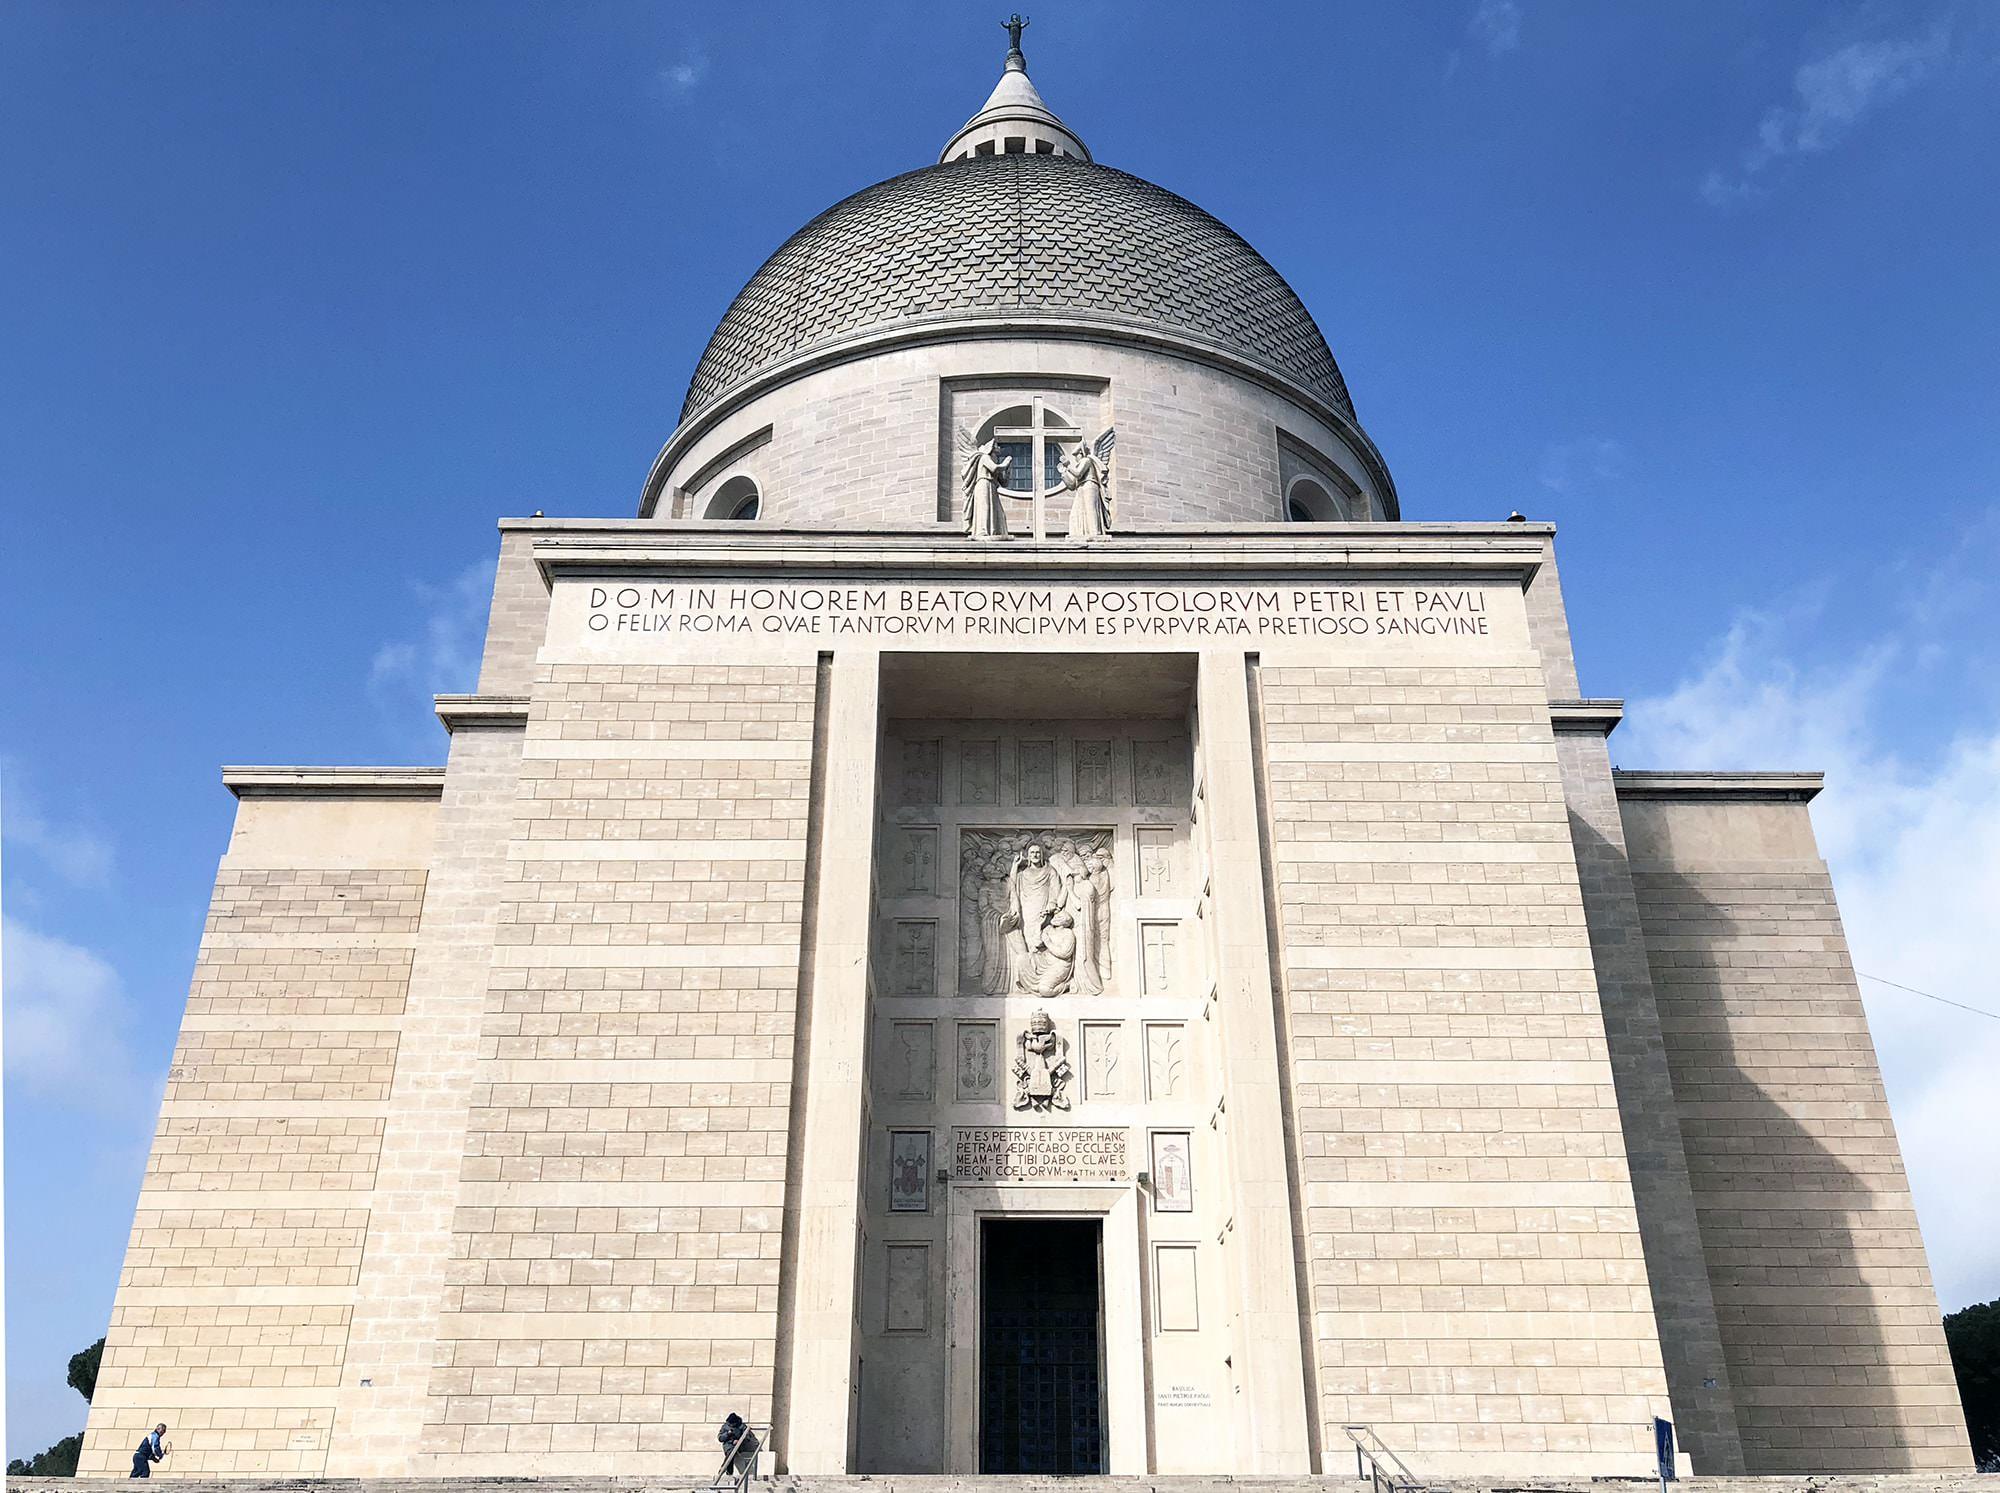 chiesa dei santi pietro e paolo eur